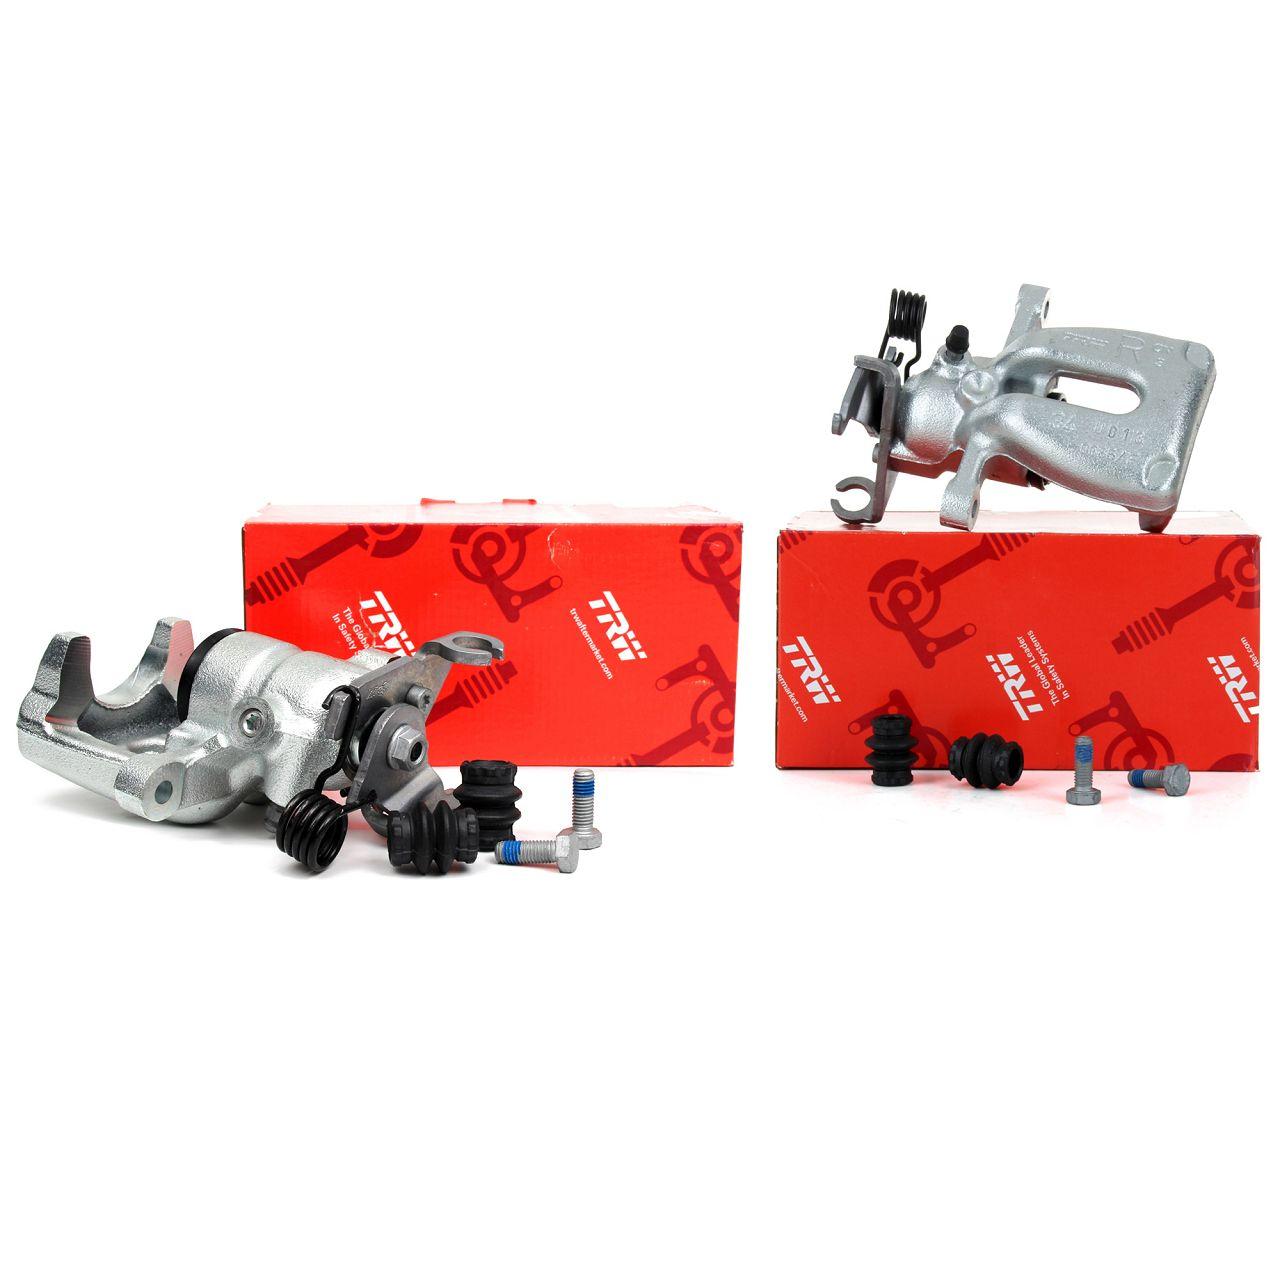 2x TRW Bremssattel Bremszange für MITSUBISHI COLT VI SMART FORFOUR (454) hinten